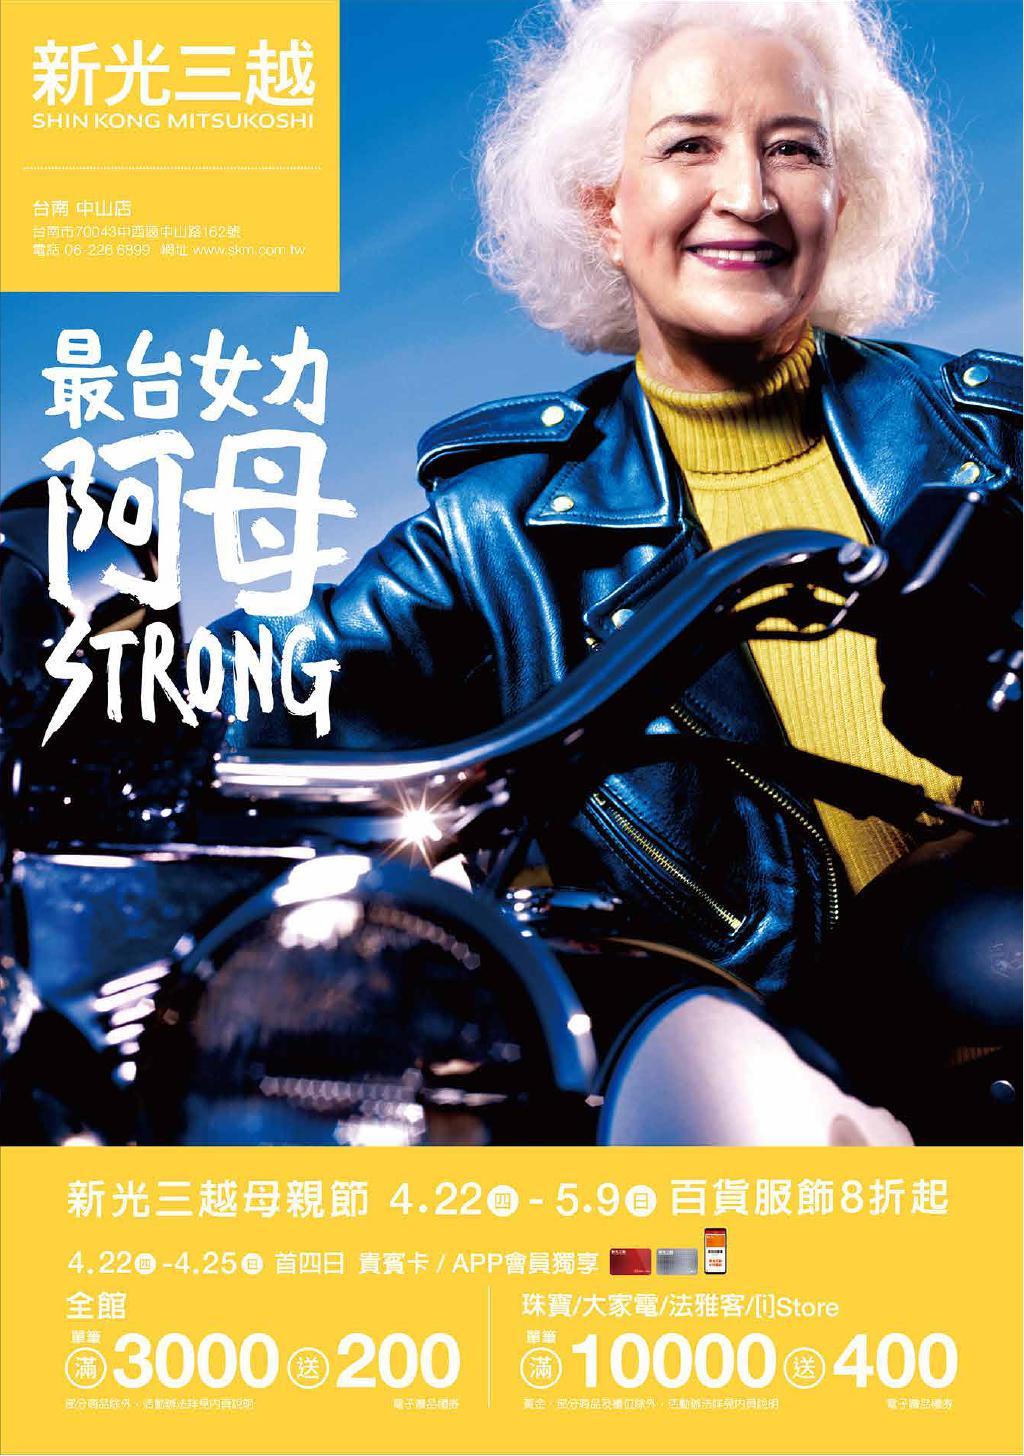 新光三越《台南中山店》DM 2021母親節【2021/5/9 止】